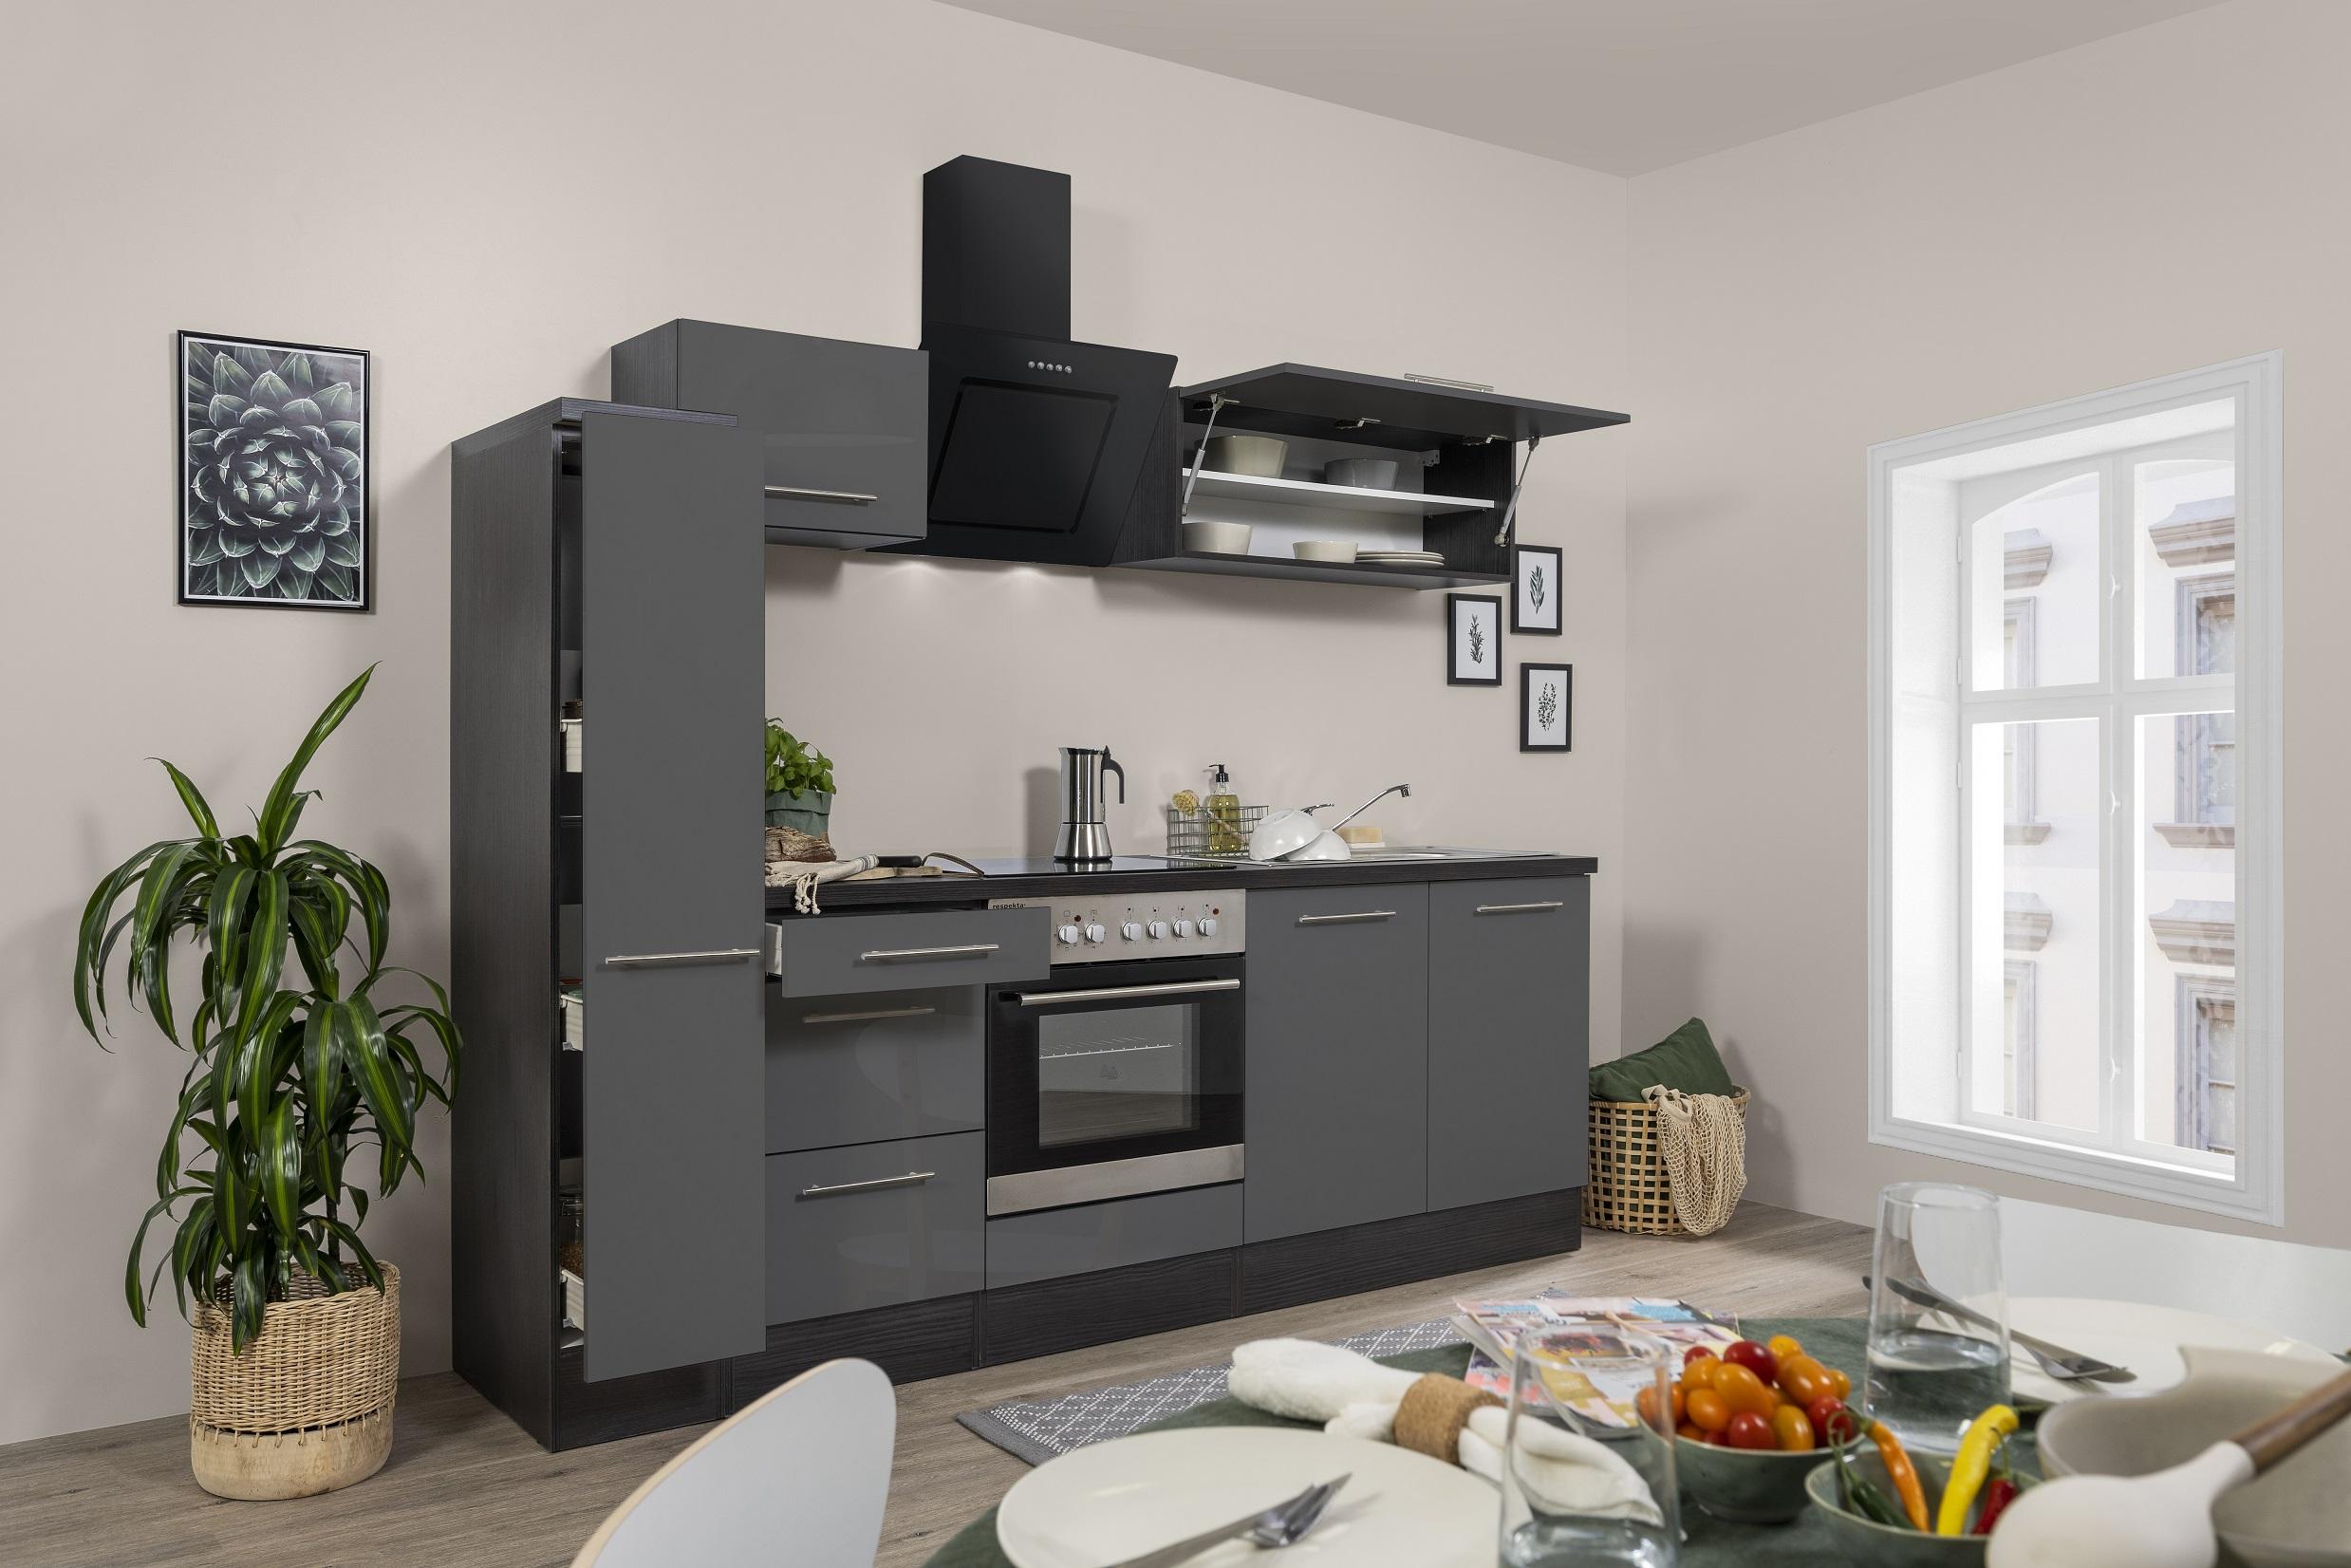 respekta Küchenzeile Küche Küchenblock Einbauküche Hochglanz 240 cm Eiche grau